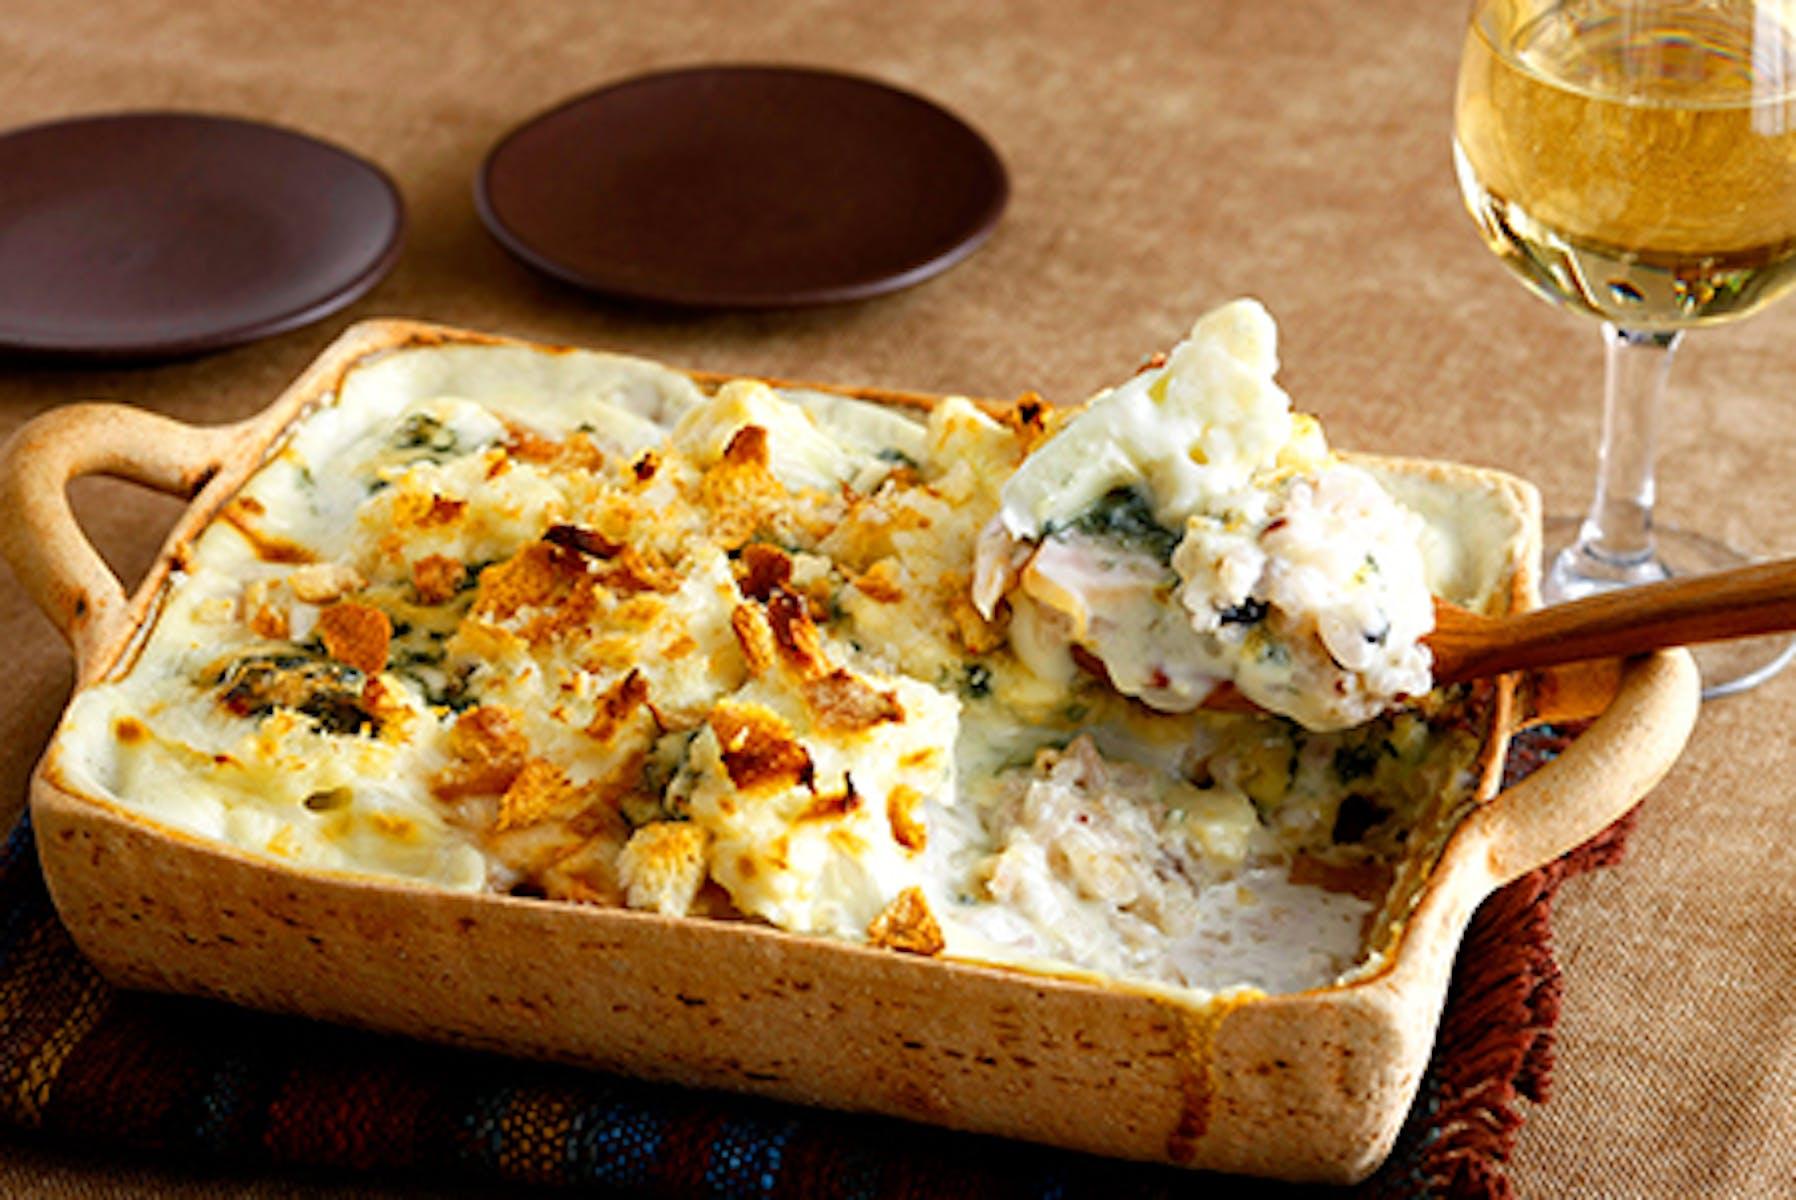 ブルーチーズを使ったカリフラワーと雑穀のドリア